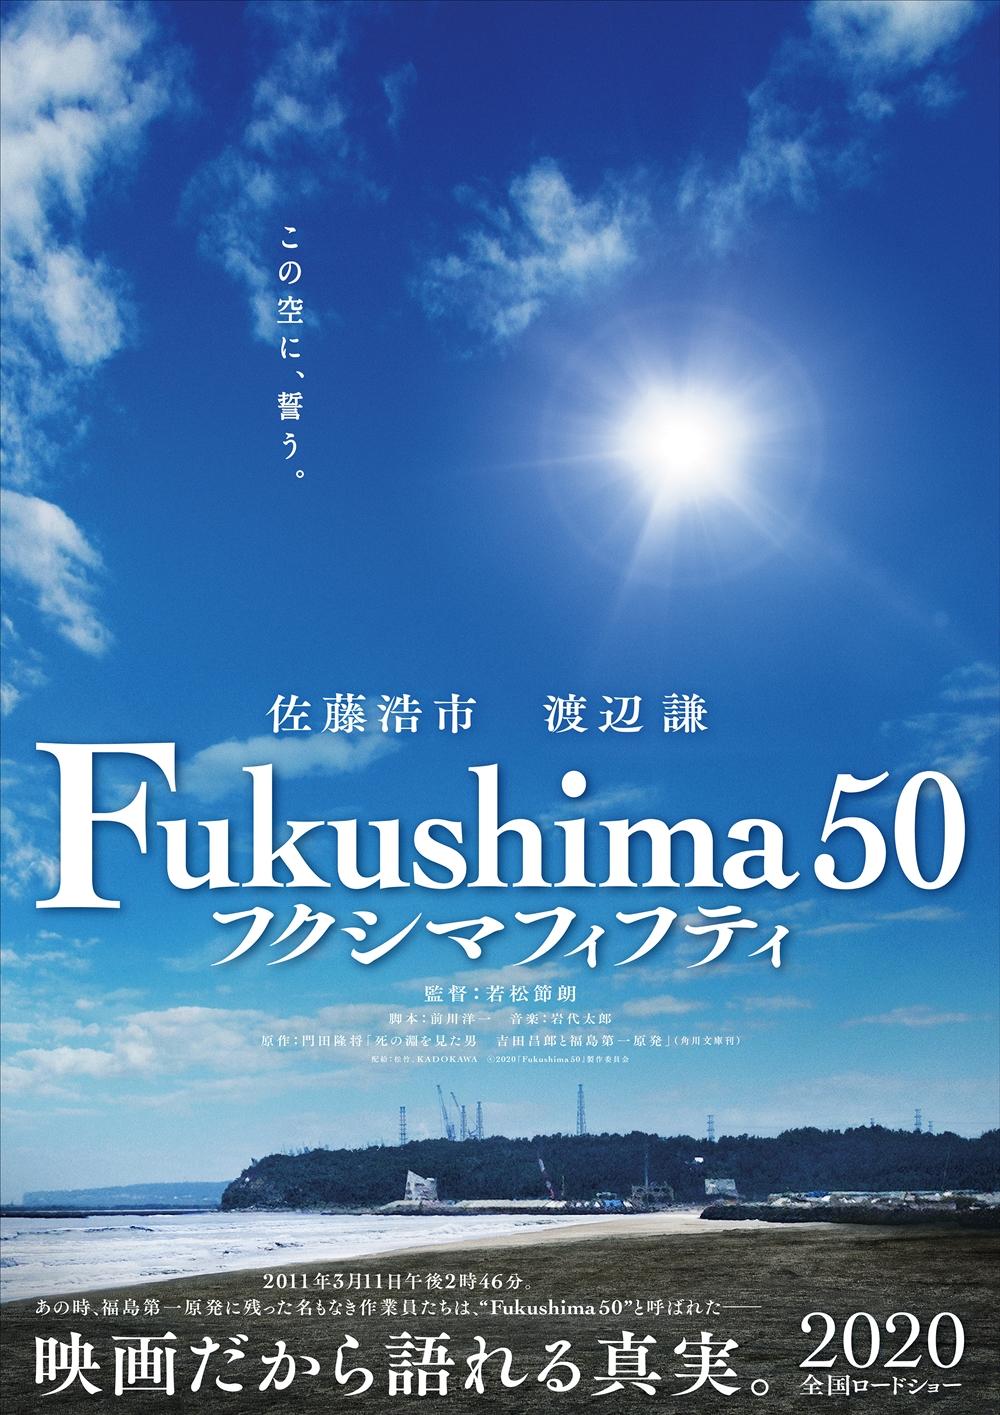 【画像】映画『Fukushima 50(フクシマフィフティ)』ポスタービジュアル